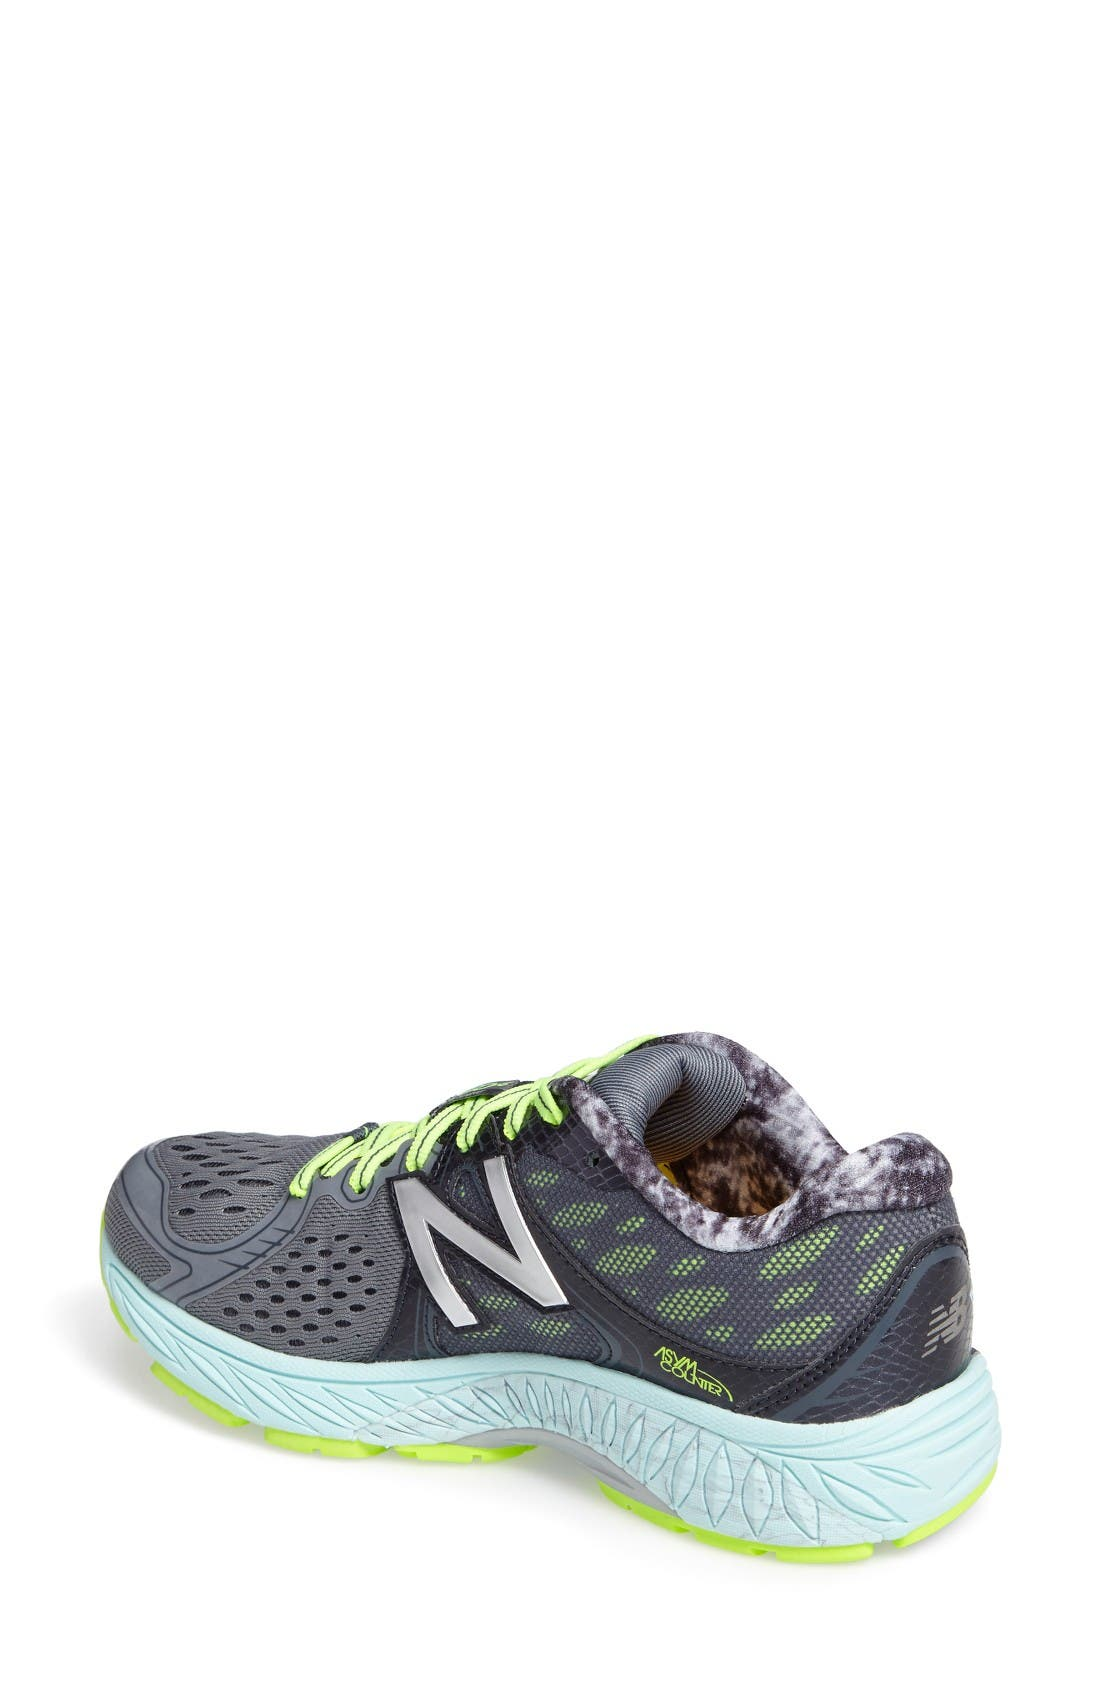 Alternate Image 2  - New Balance 1260 v6 Running Shoe (Women)